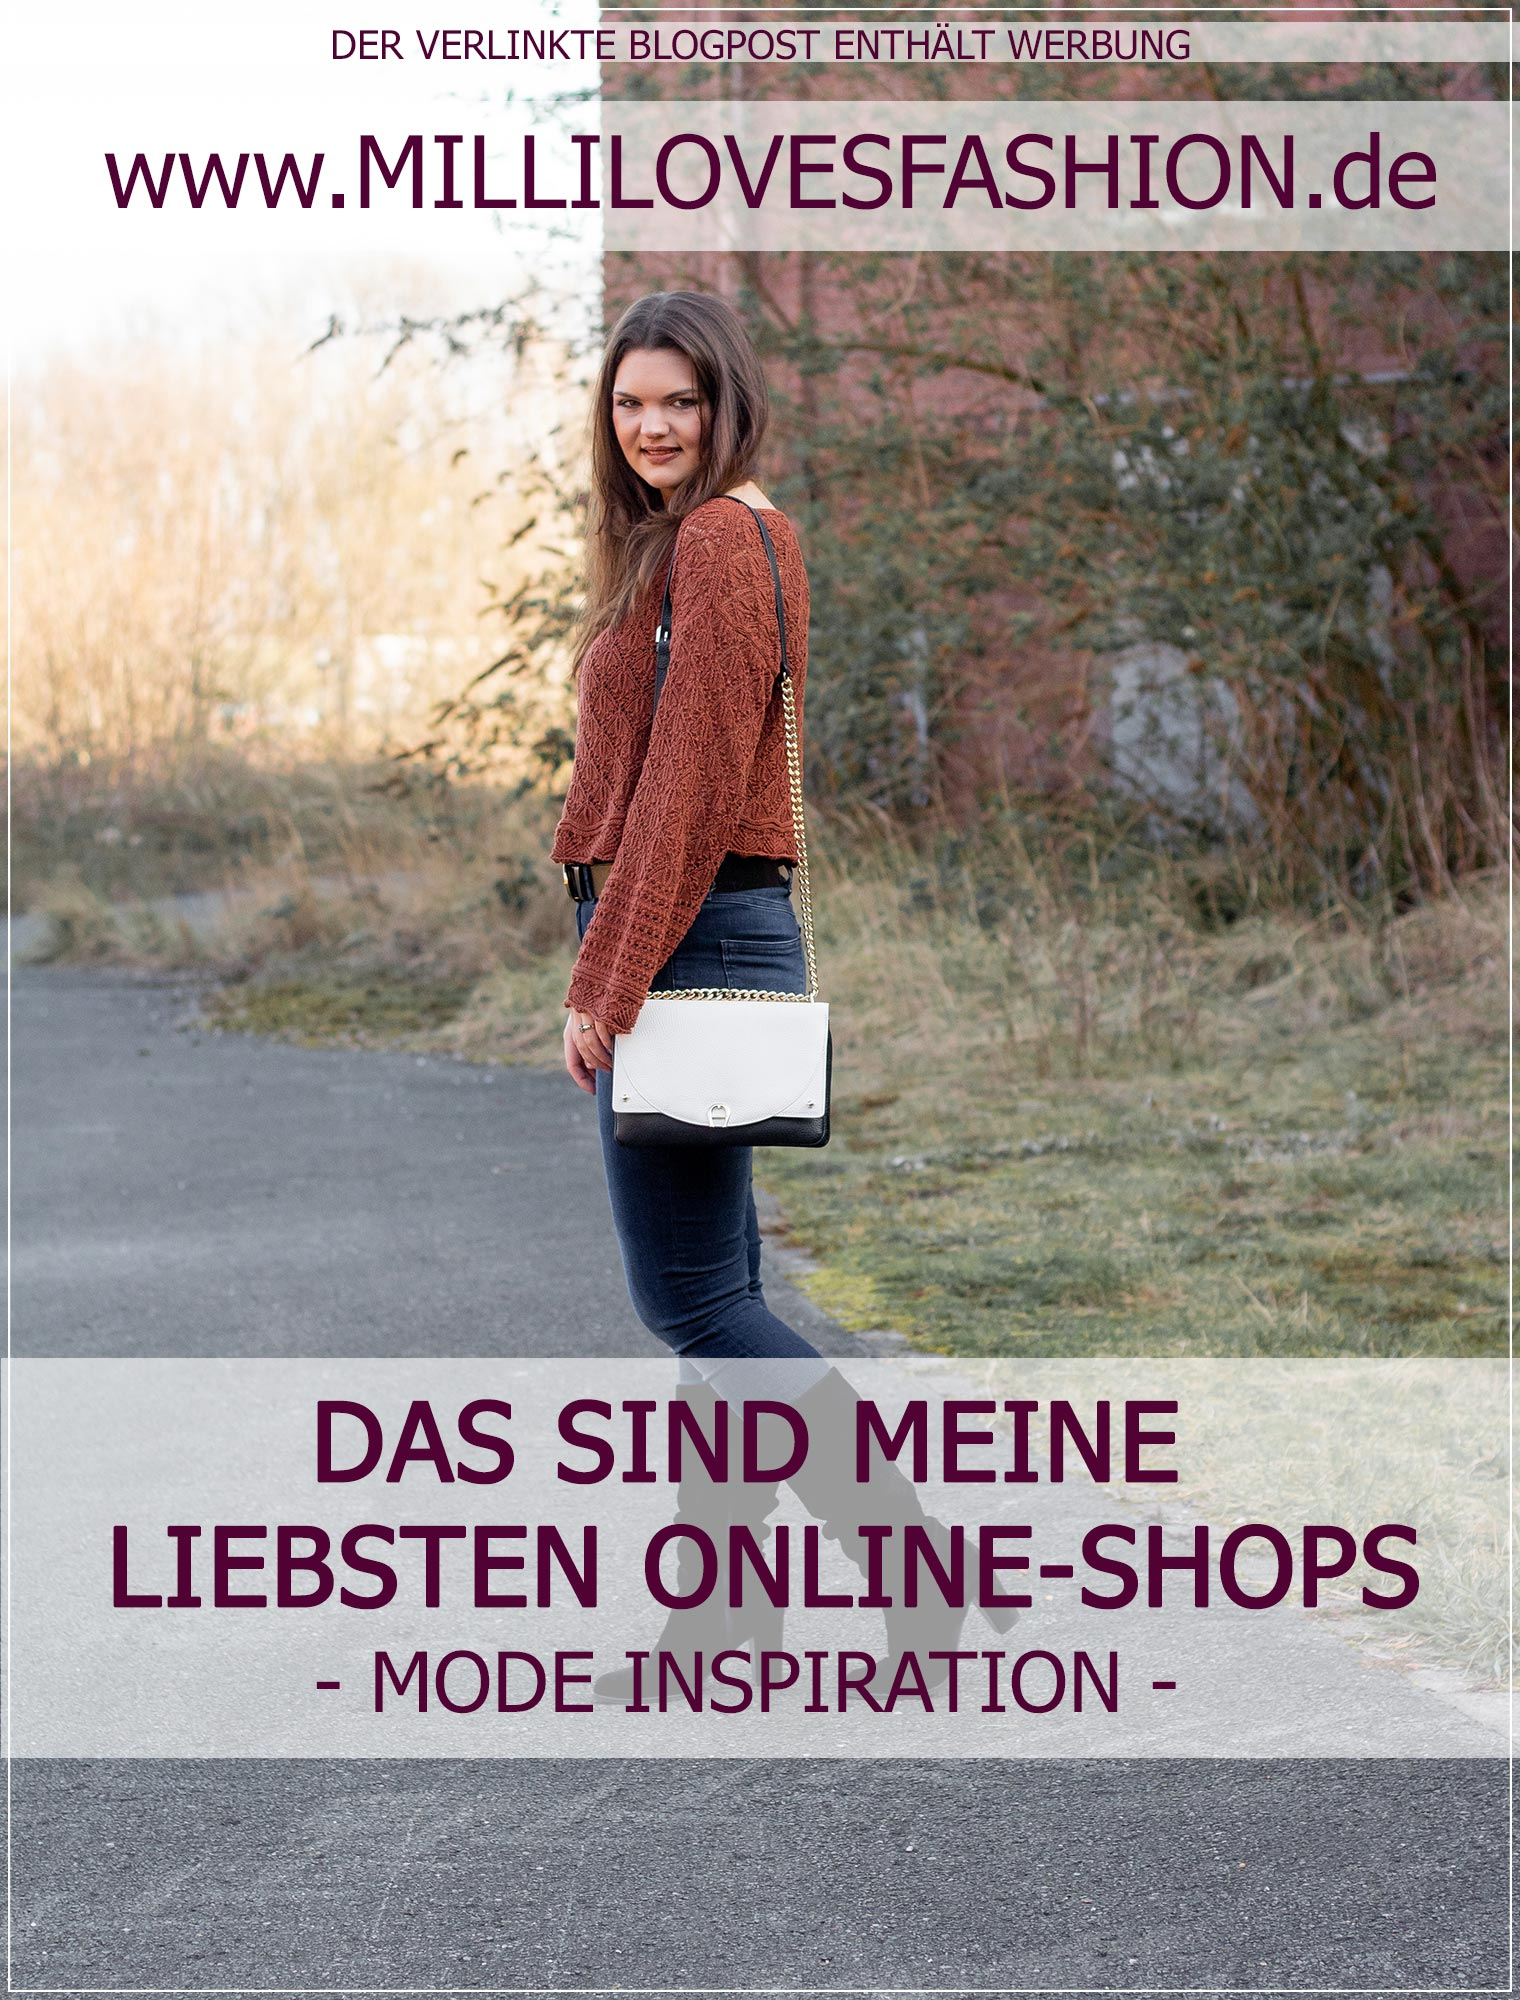 meine liebsten Online-Shops zum shoppen